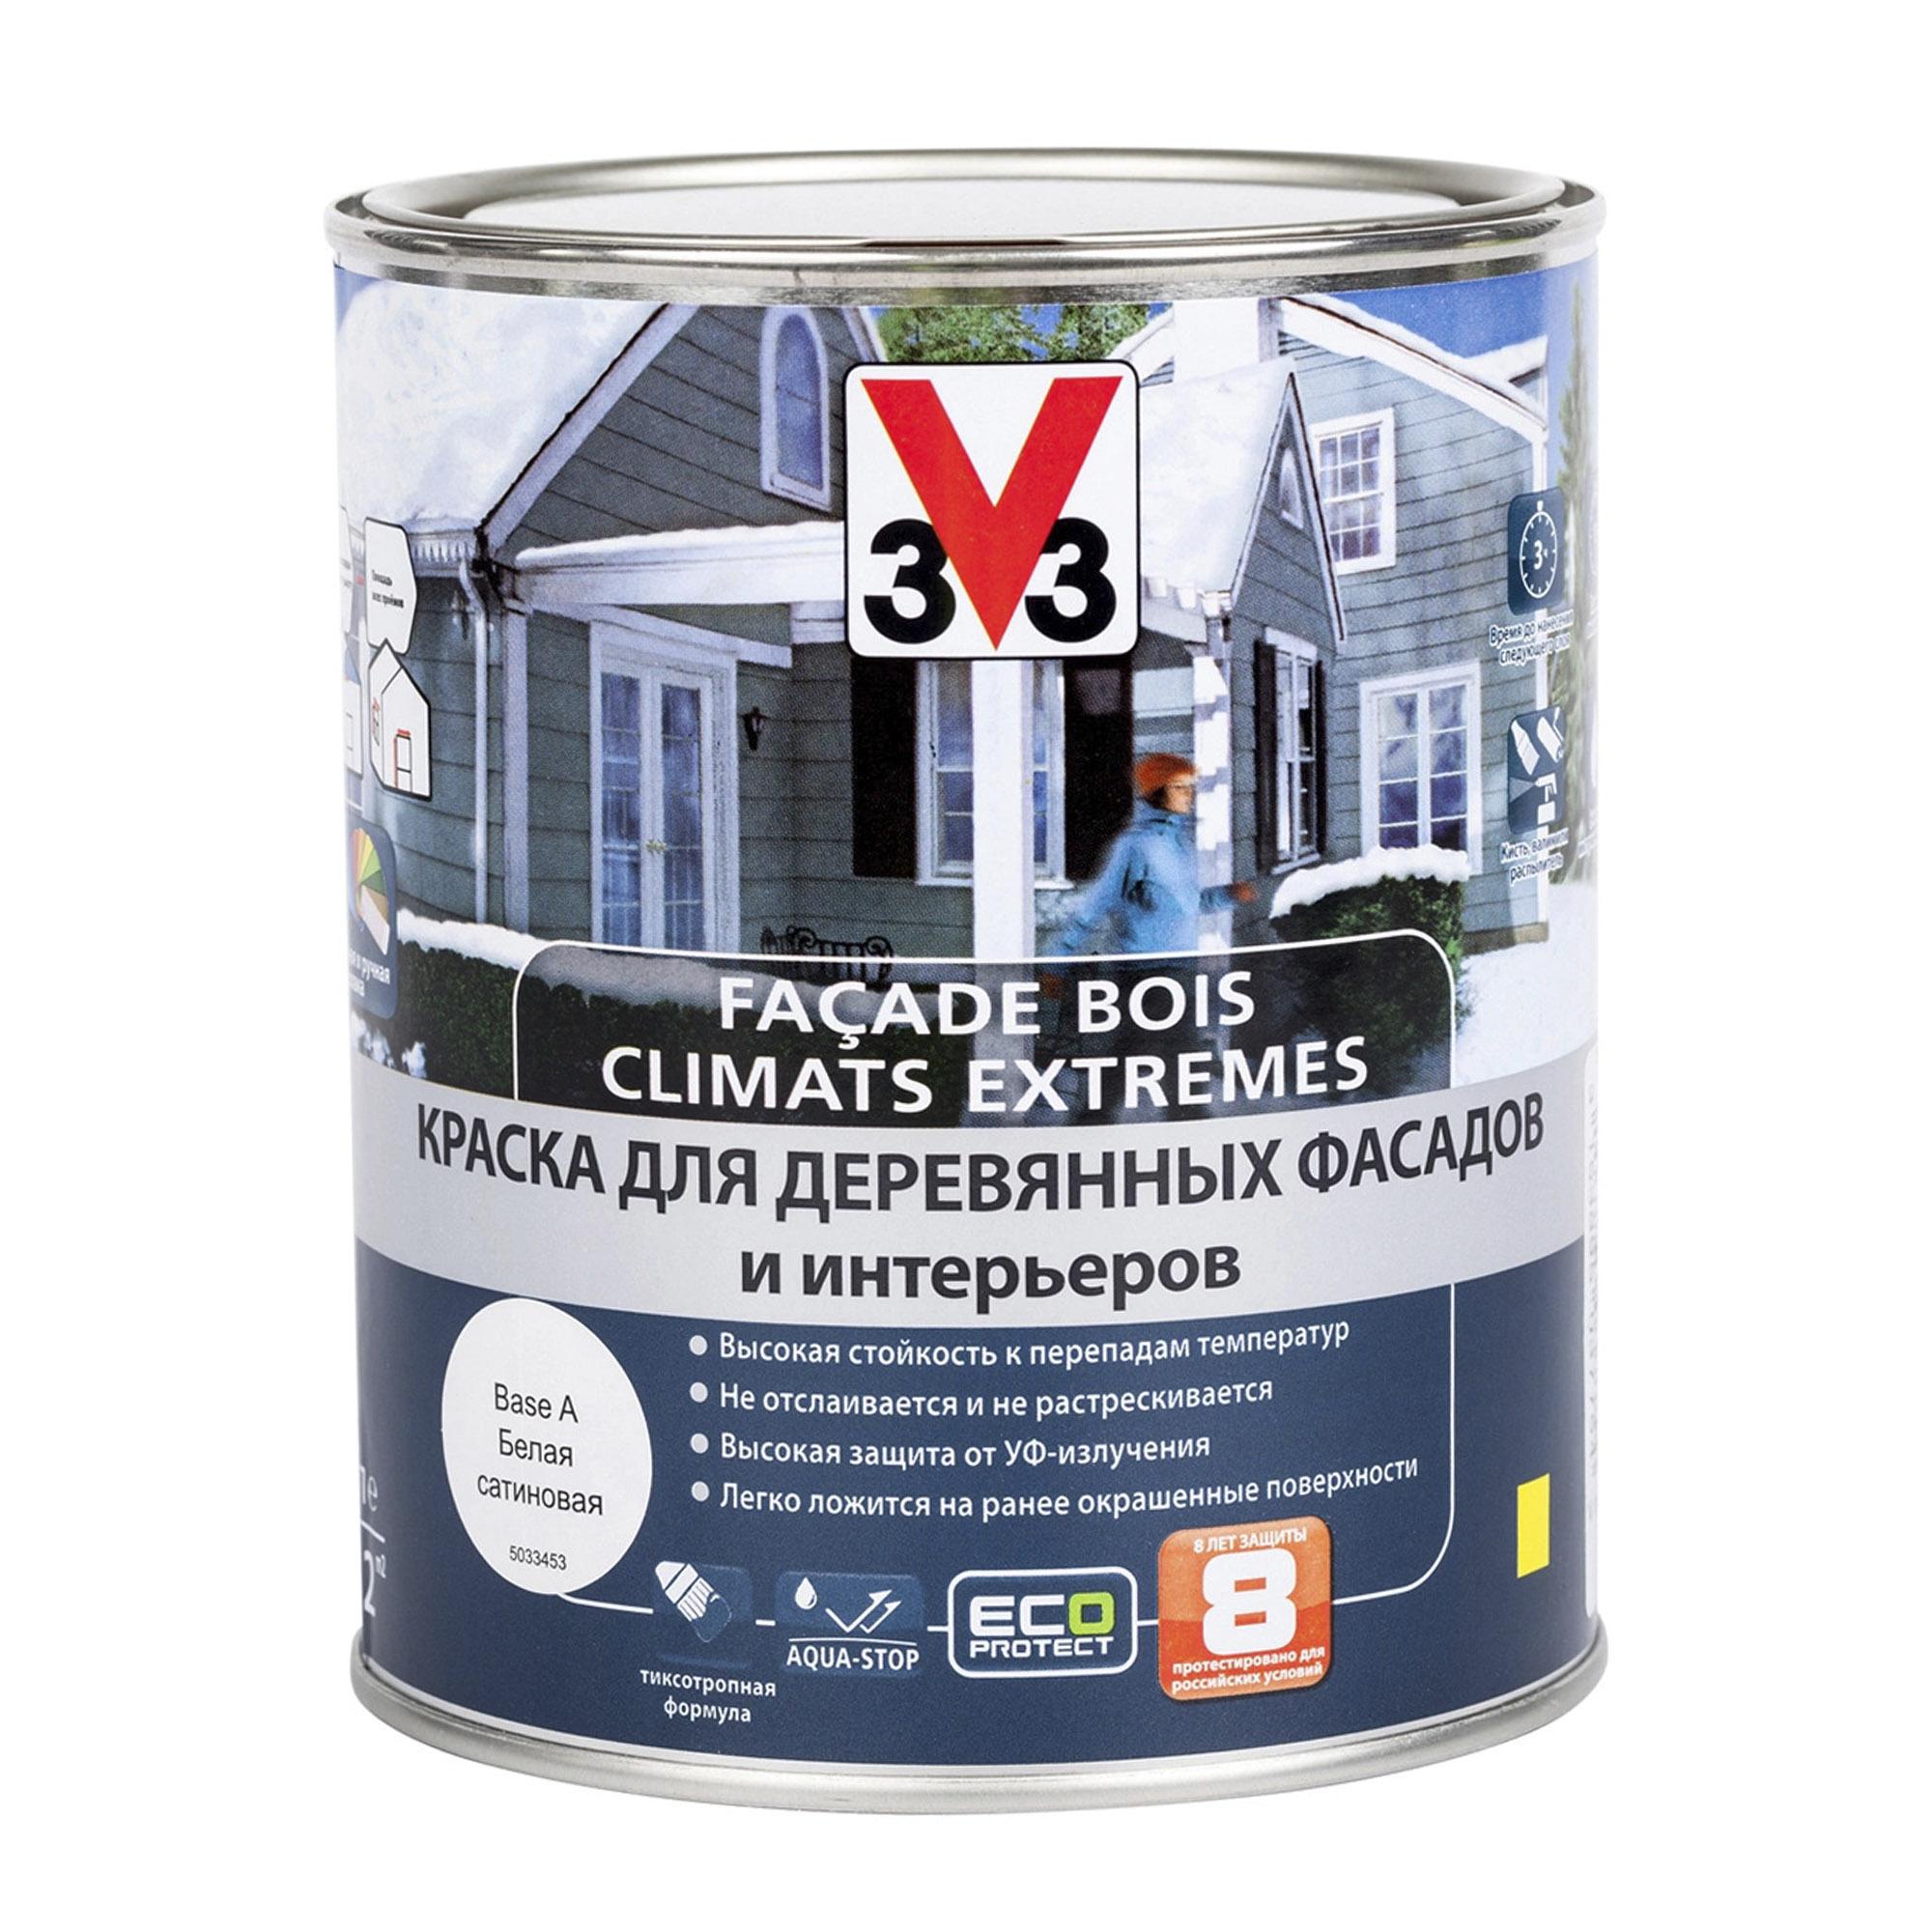 Краска V33 Facade Bois Climats Extremes для деревянных фасадов и интерьеров База А 2,5 л